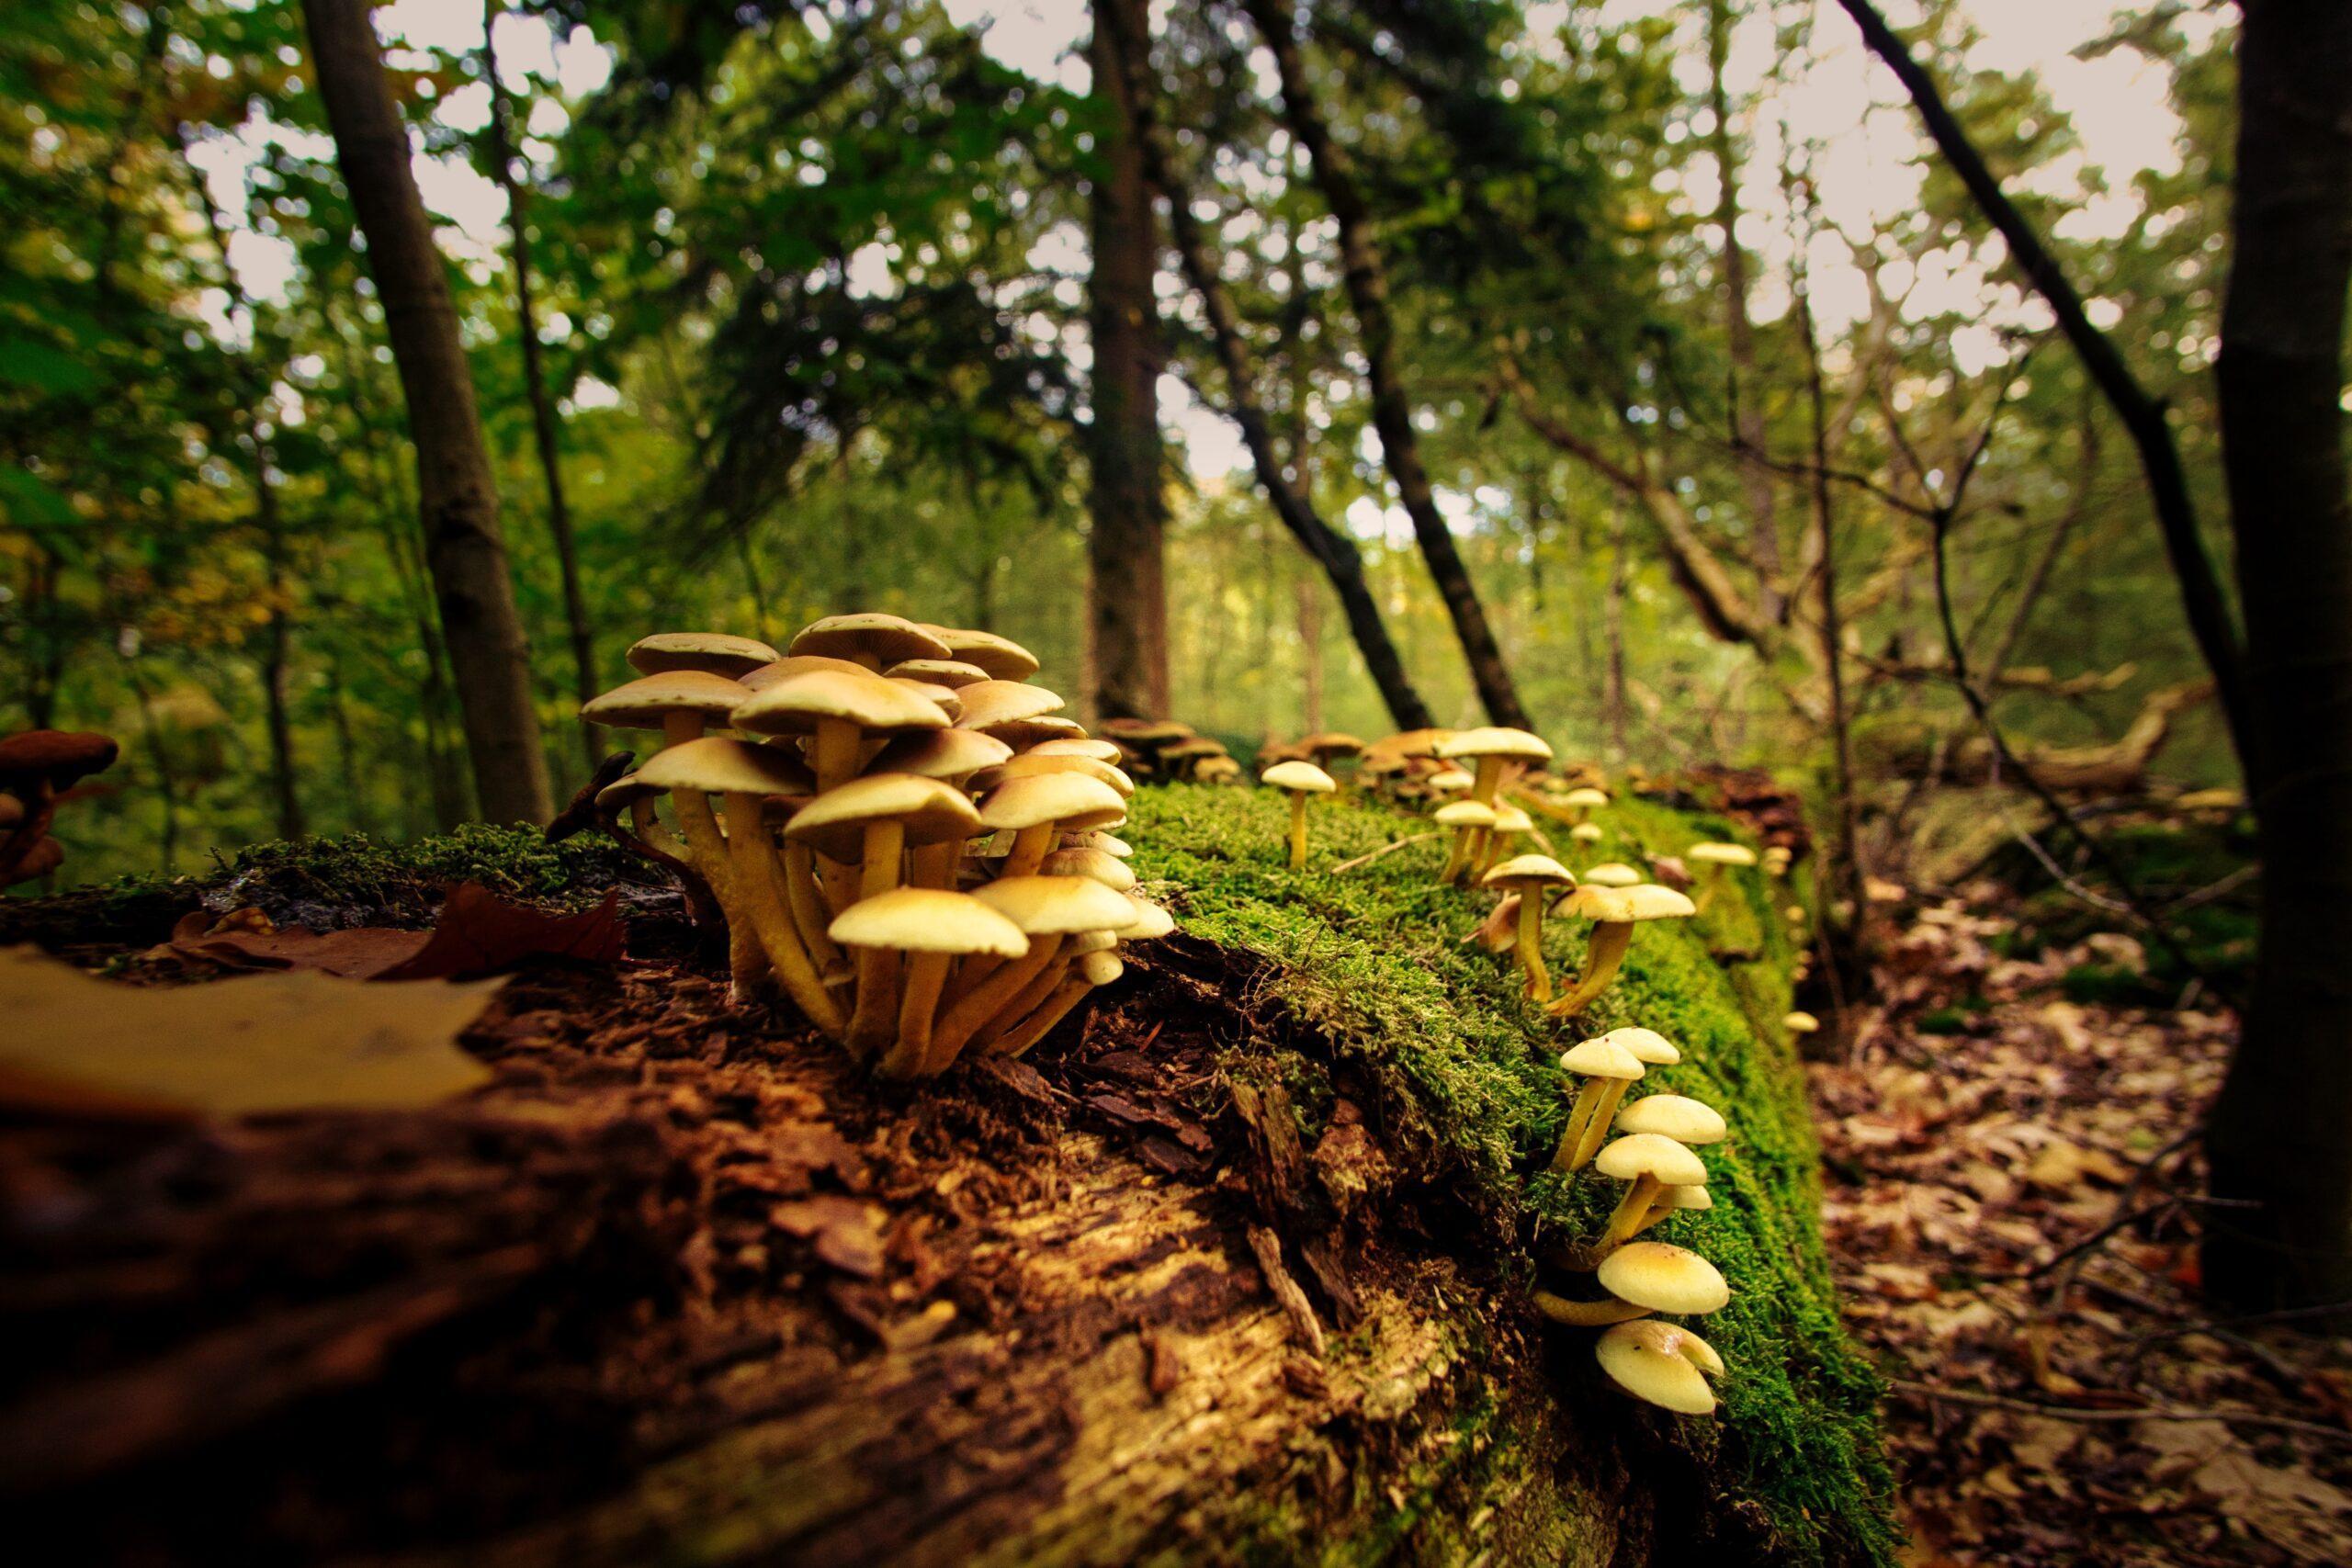 joran-quinten-Mushrooms -unsplash